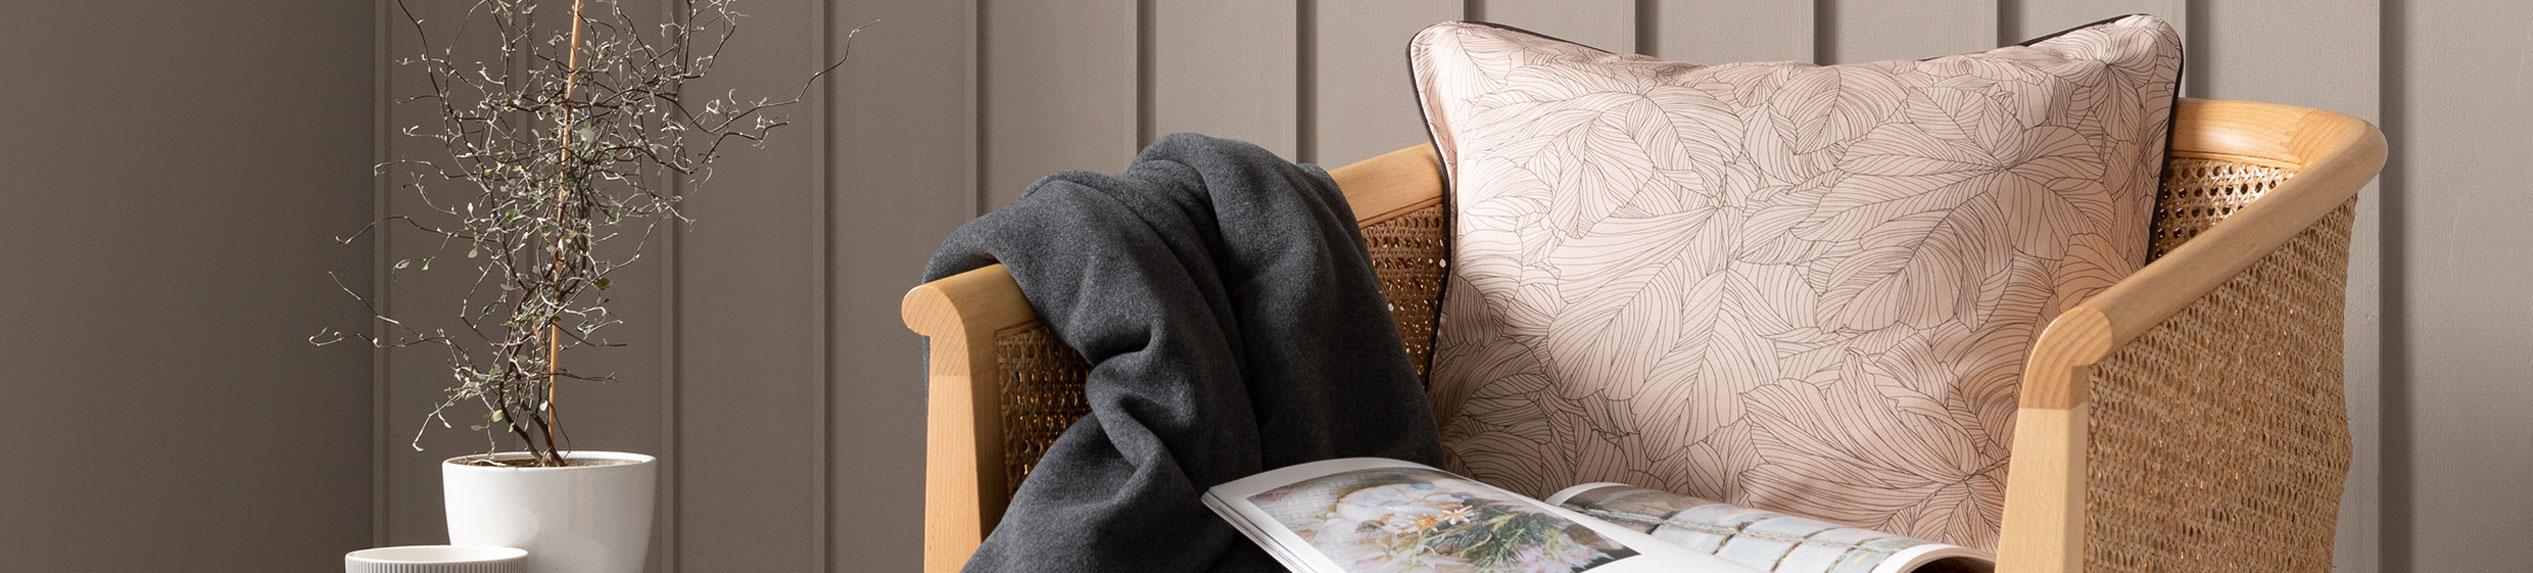 Estella Home Wohndecken Kuscheldecken | Online-Shop